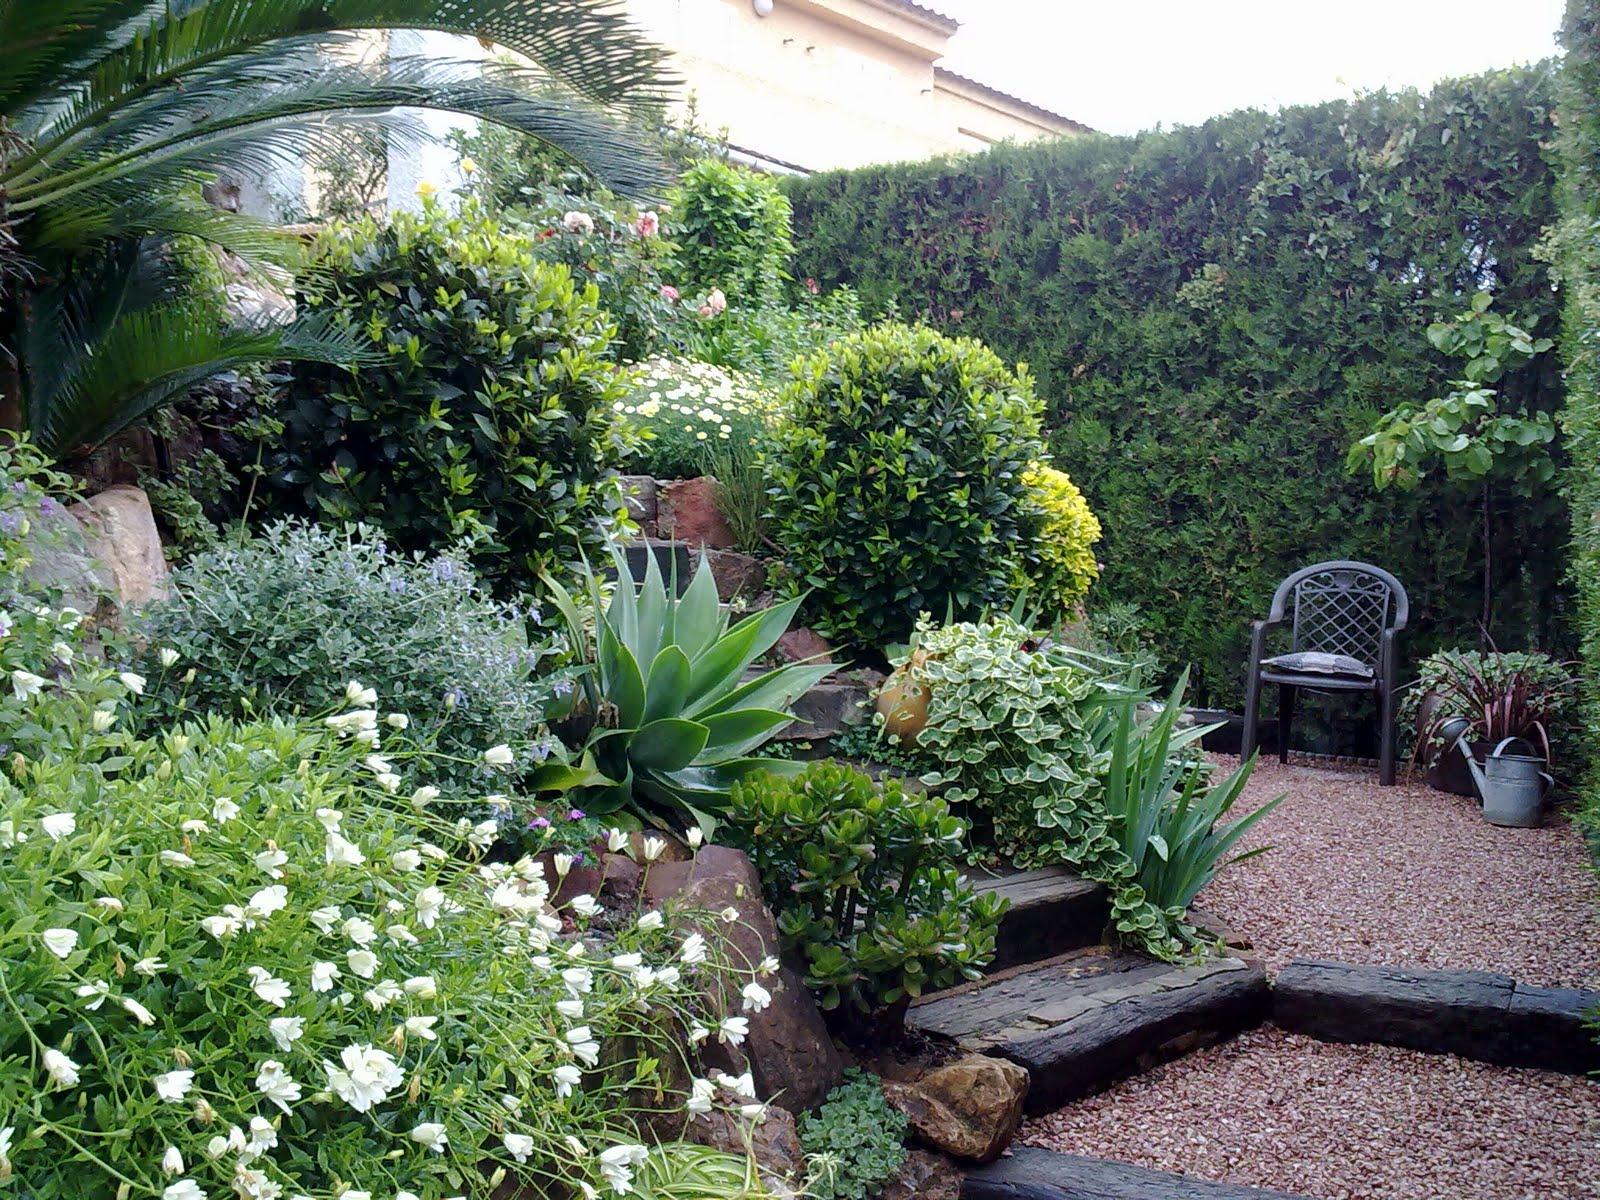 Una primavera m s guia de jardin for Jardines de primavera